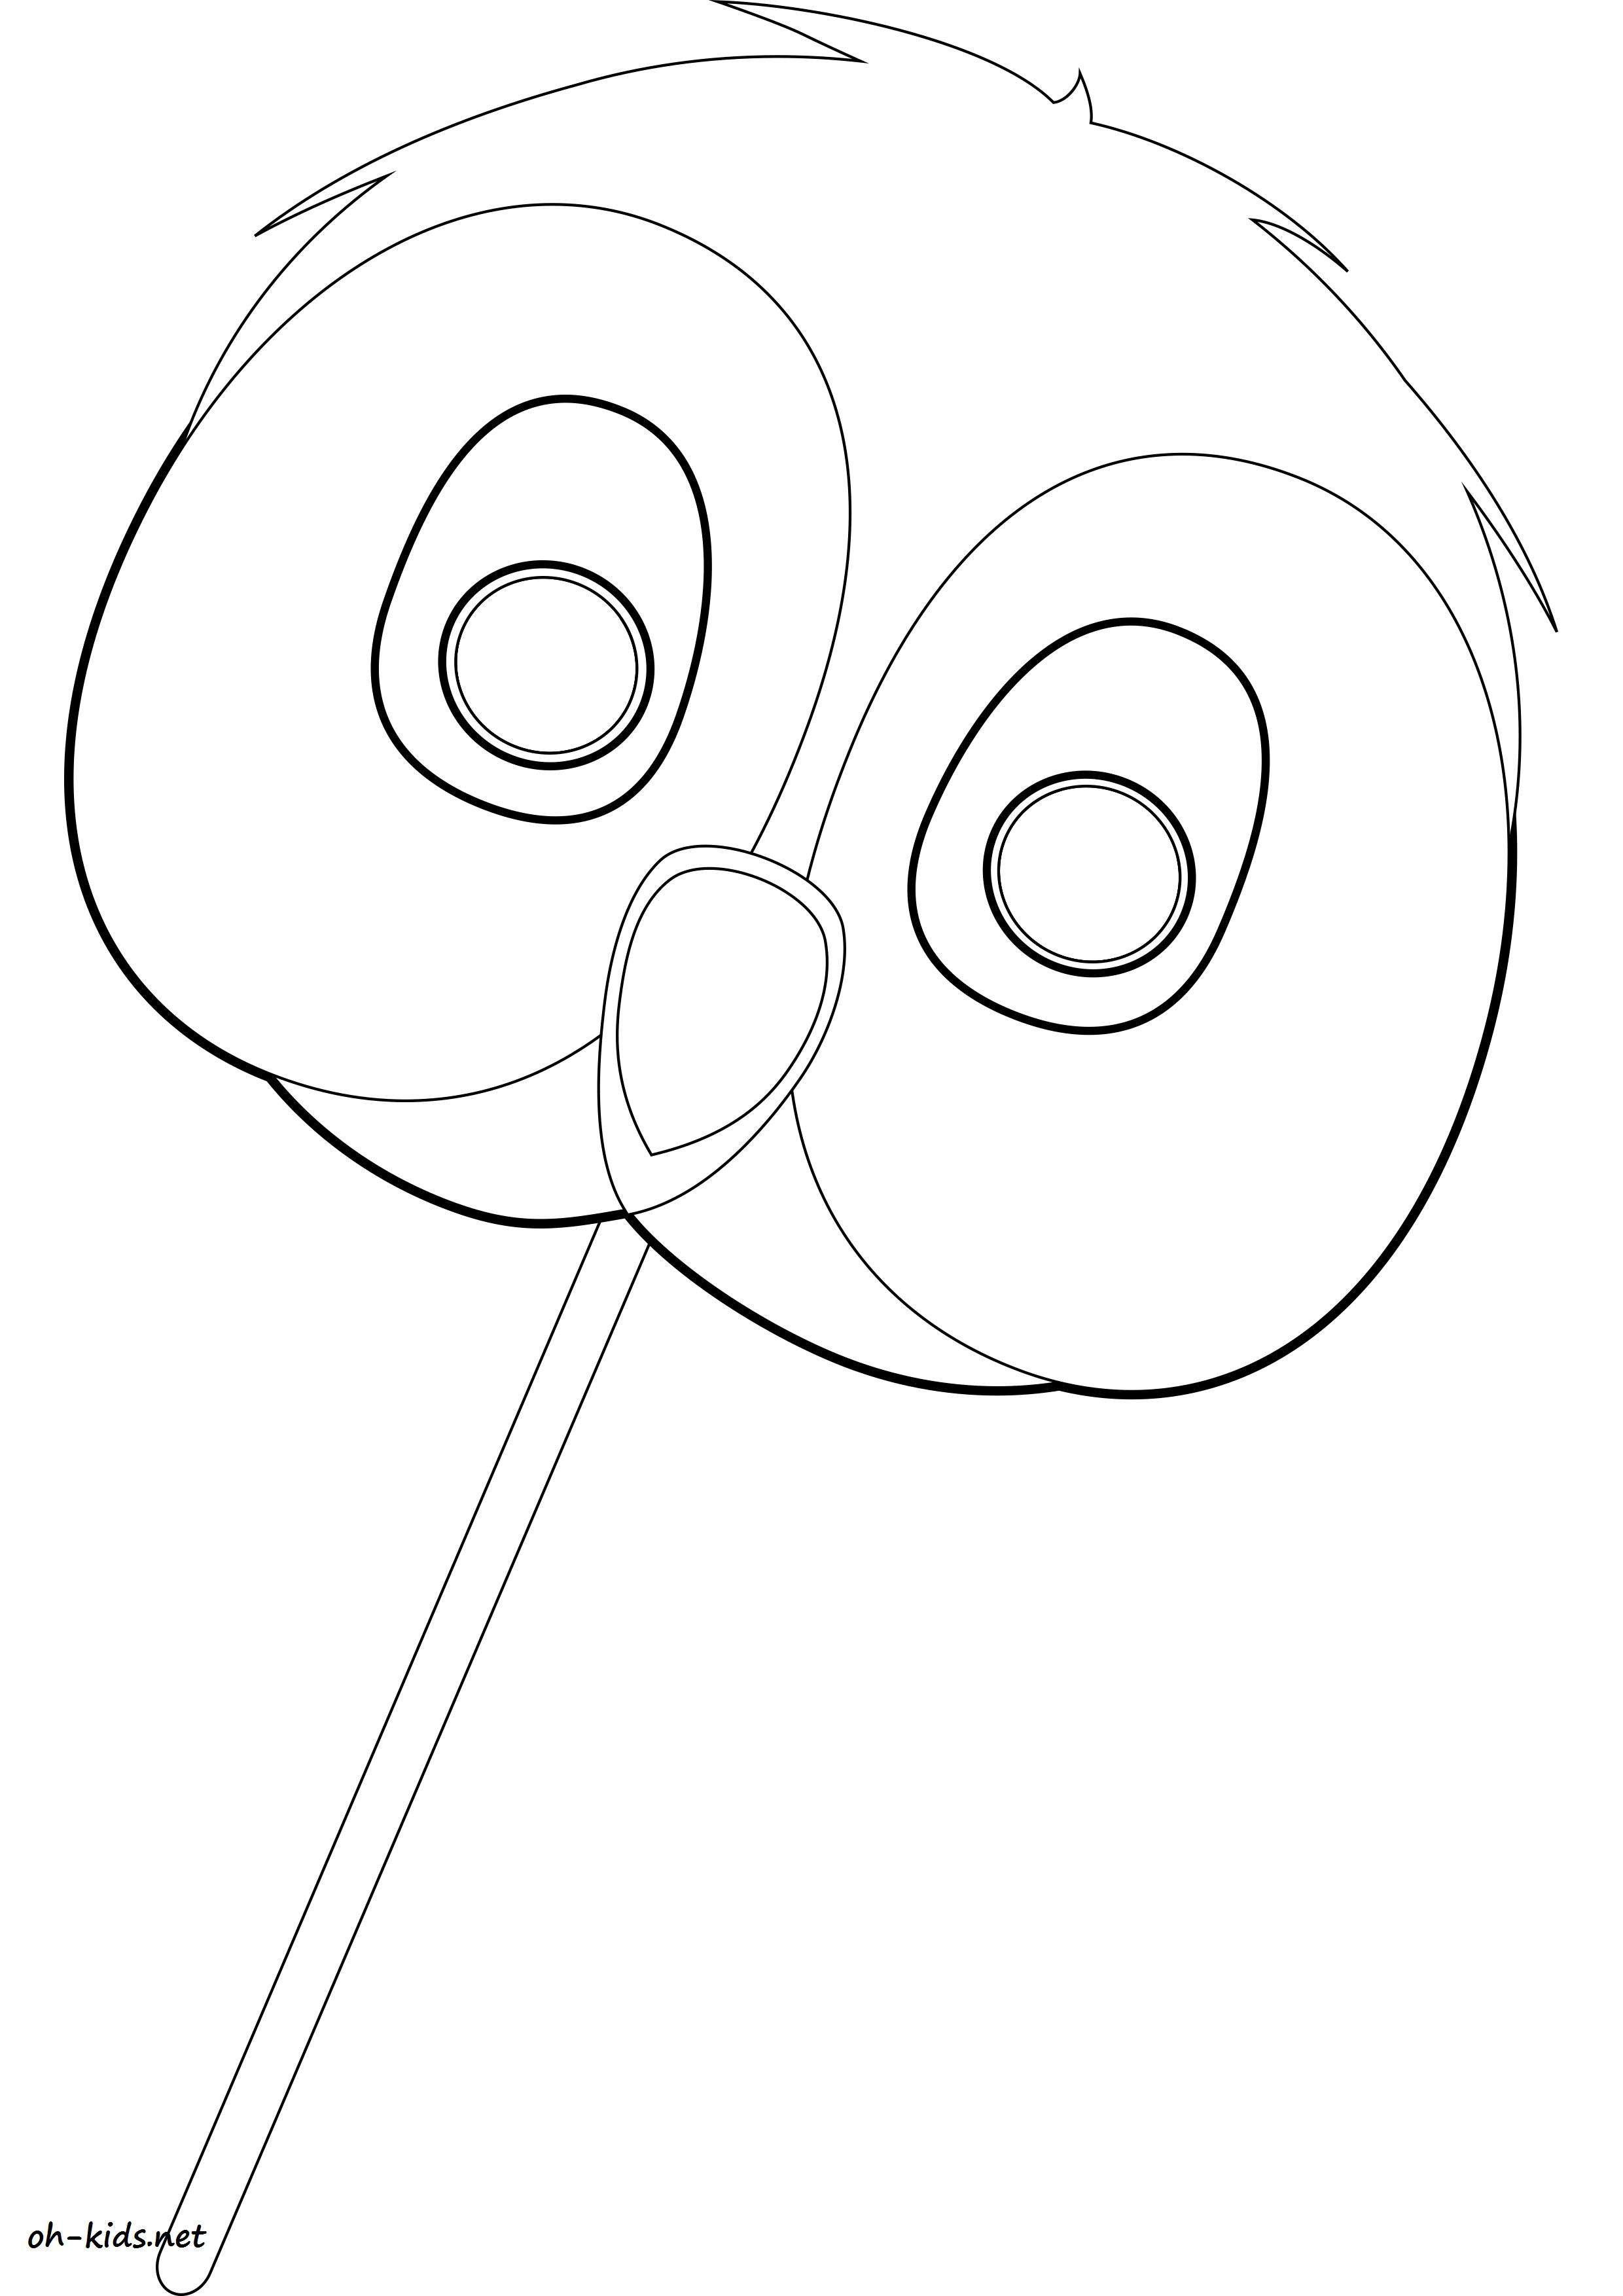 dessin de hibou pour imprimer et colorier - Dessin #1619